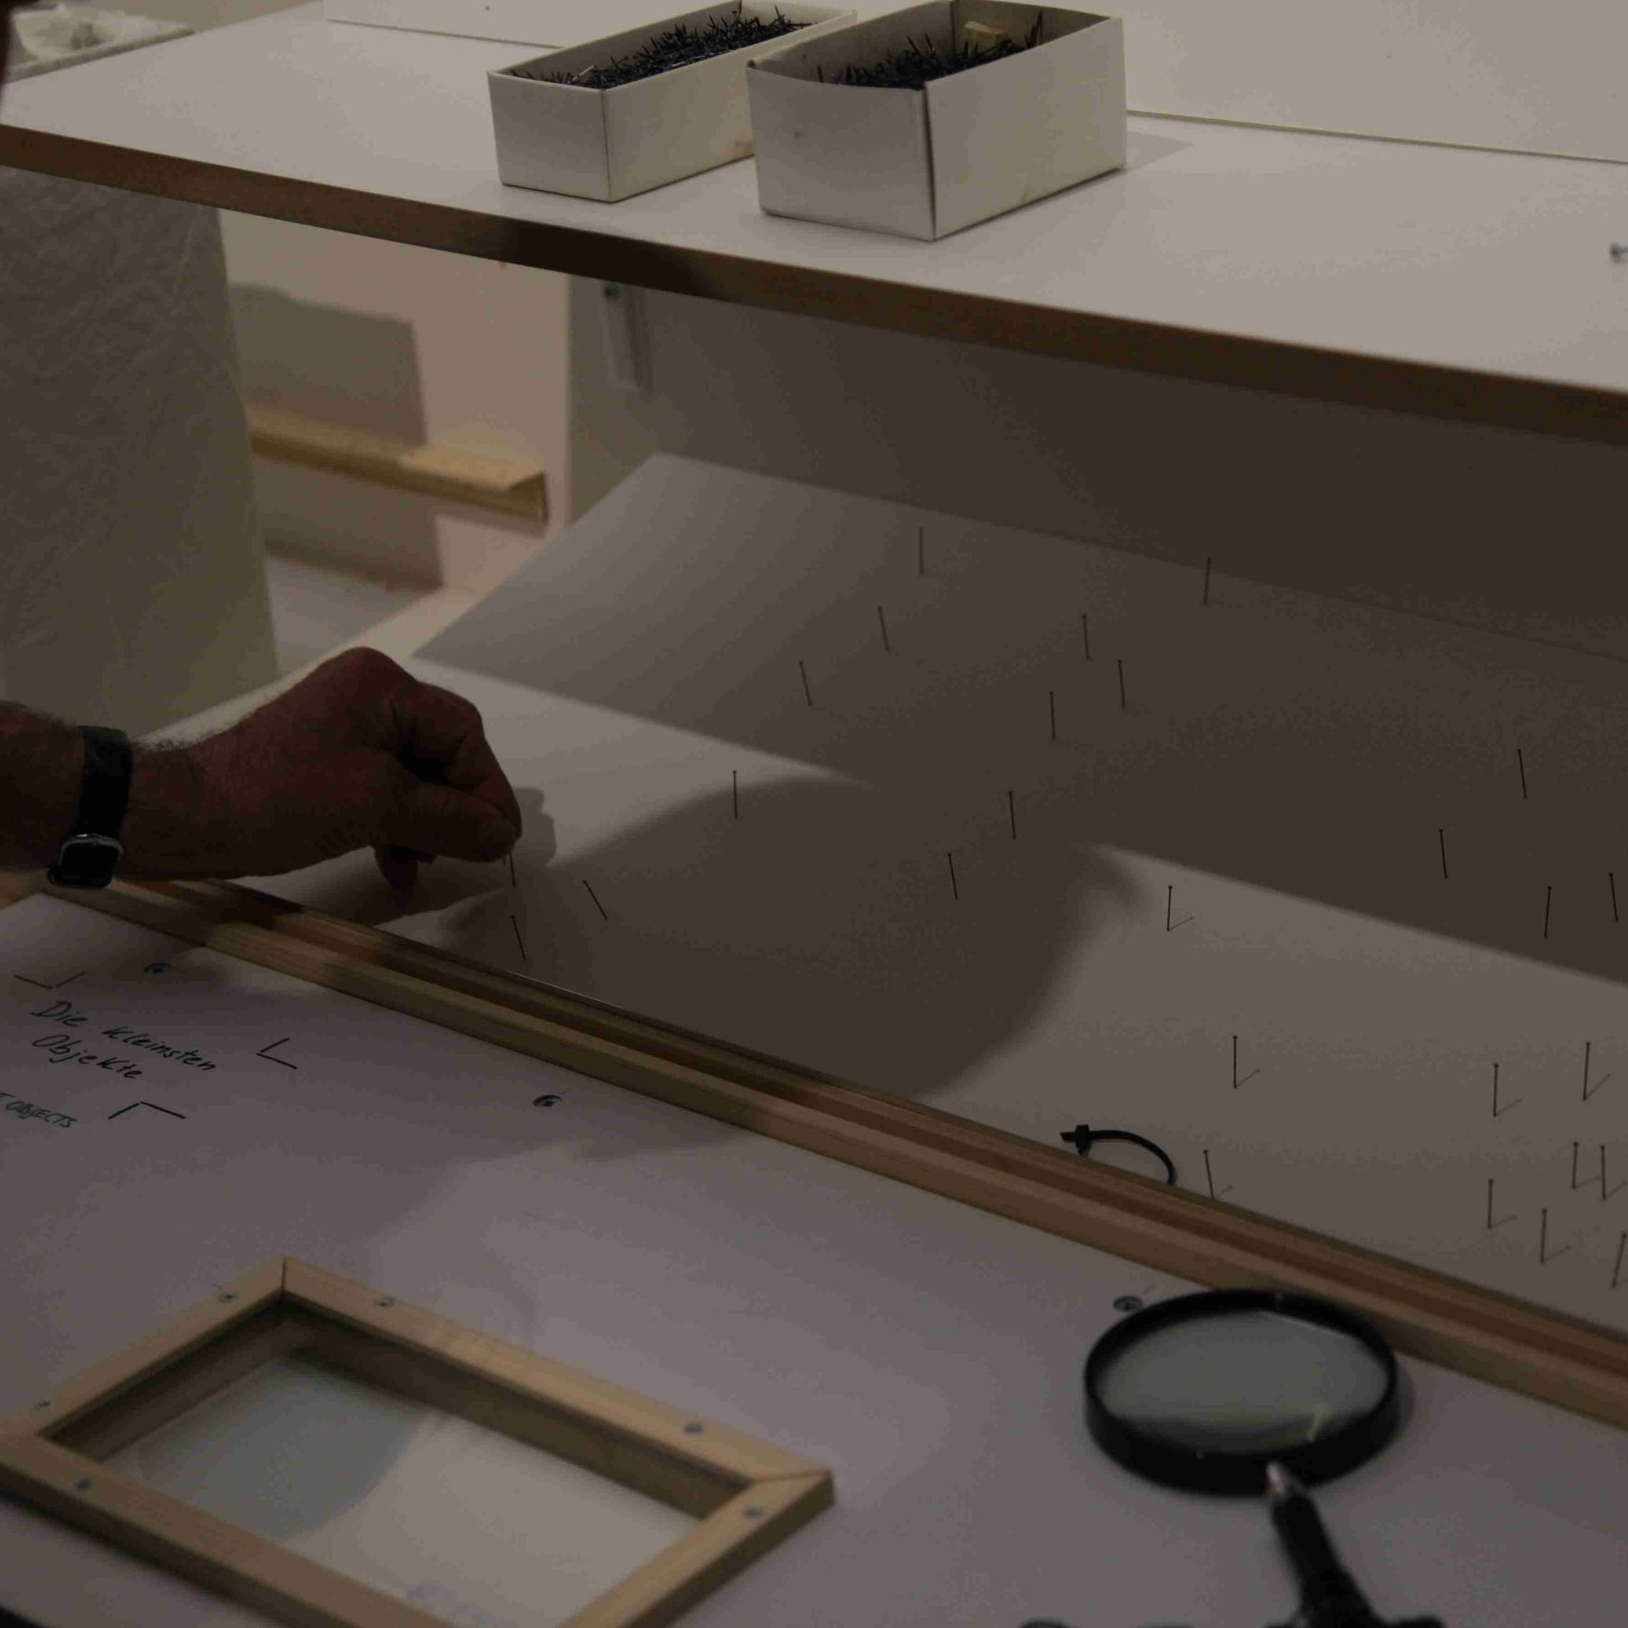 Abgesammelt - Am Wochenende vom 24.-25.03. wird TaxoMania nur noch als leerer Kasten zu sehen sein. Nun ja, ganz leer nicht. Die Objekte sind aus den Vitrinen verschwunden, die Vitrinen selbst auch. Jetzt stehen dort Leitern und Müllsäcke. Flatterband hängt vor dem Eingang. Die